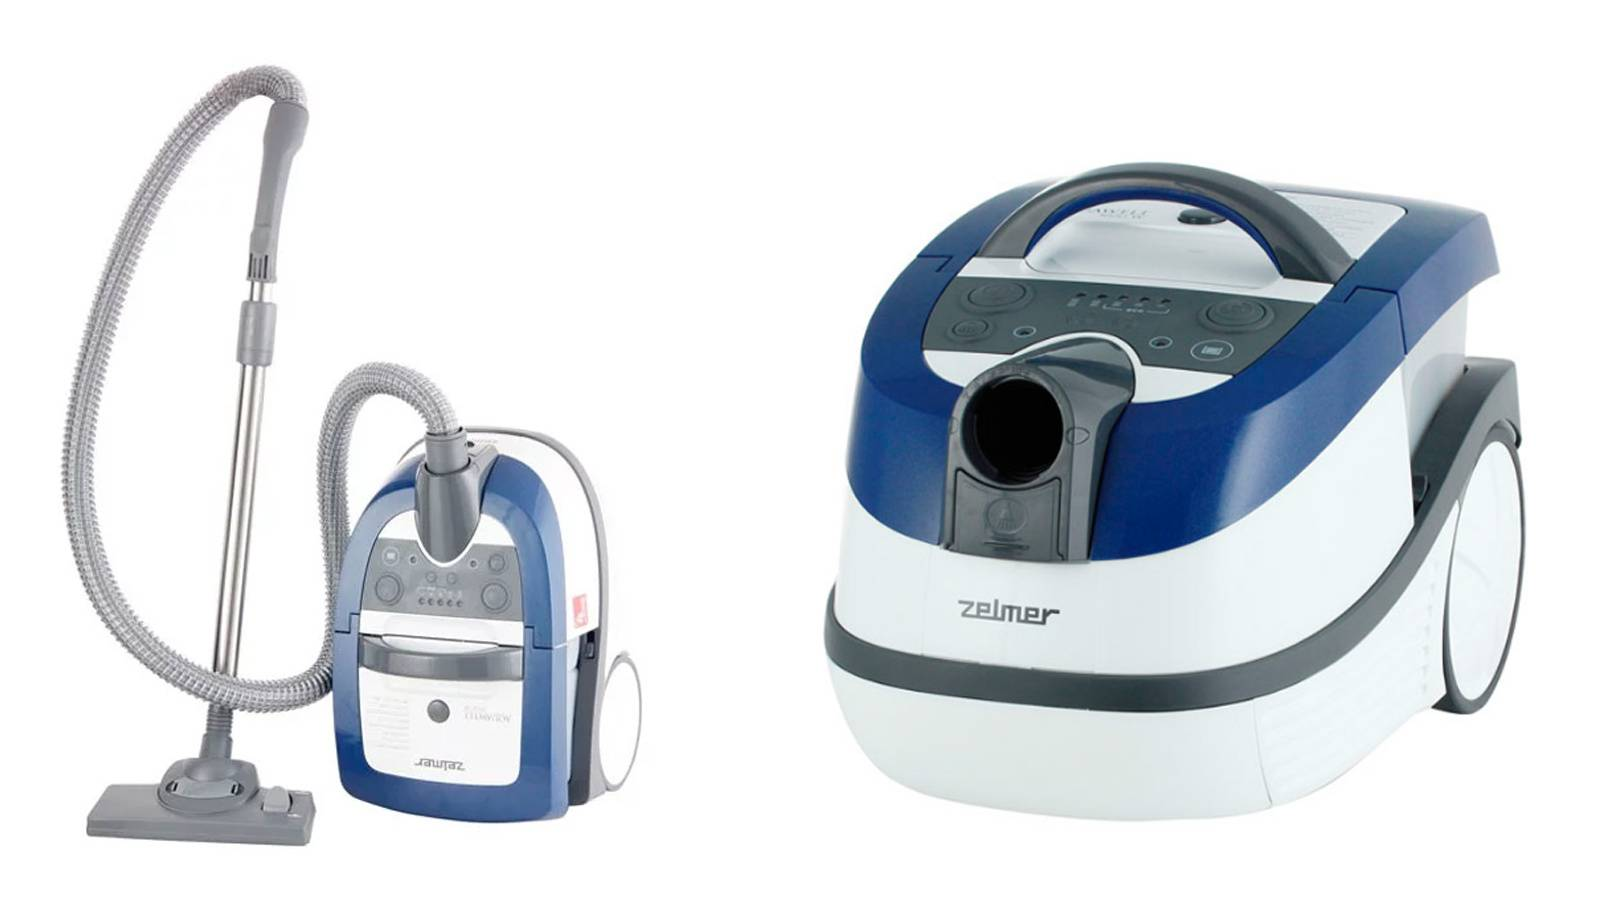 Лучшие пылесосы с аквафильтром: рейтинг 2020 года, отзывы, обзор цен